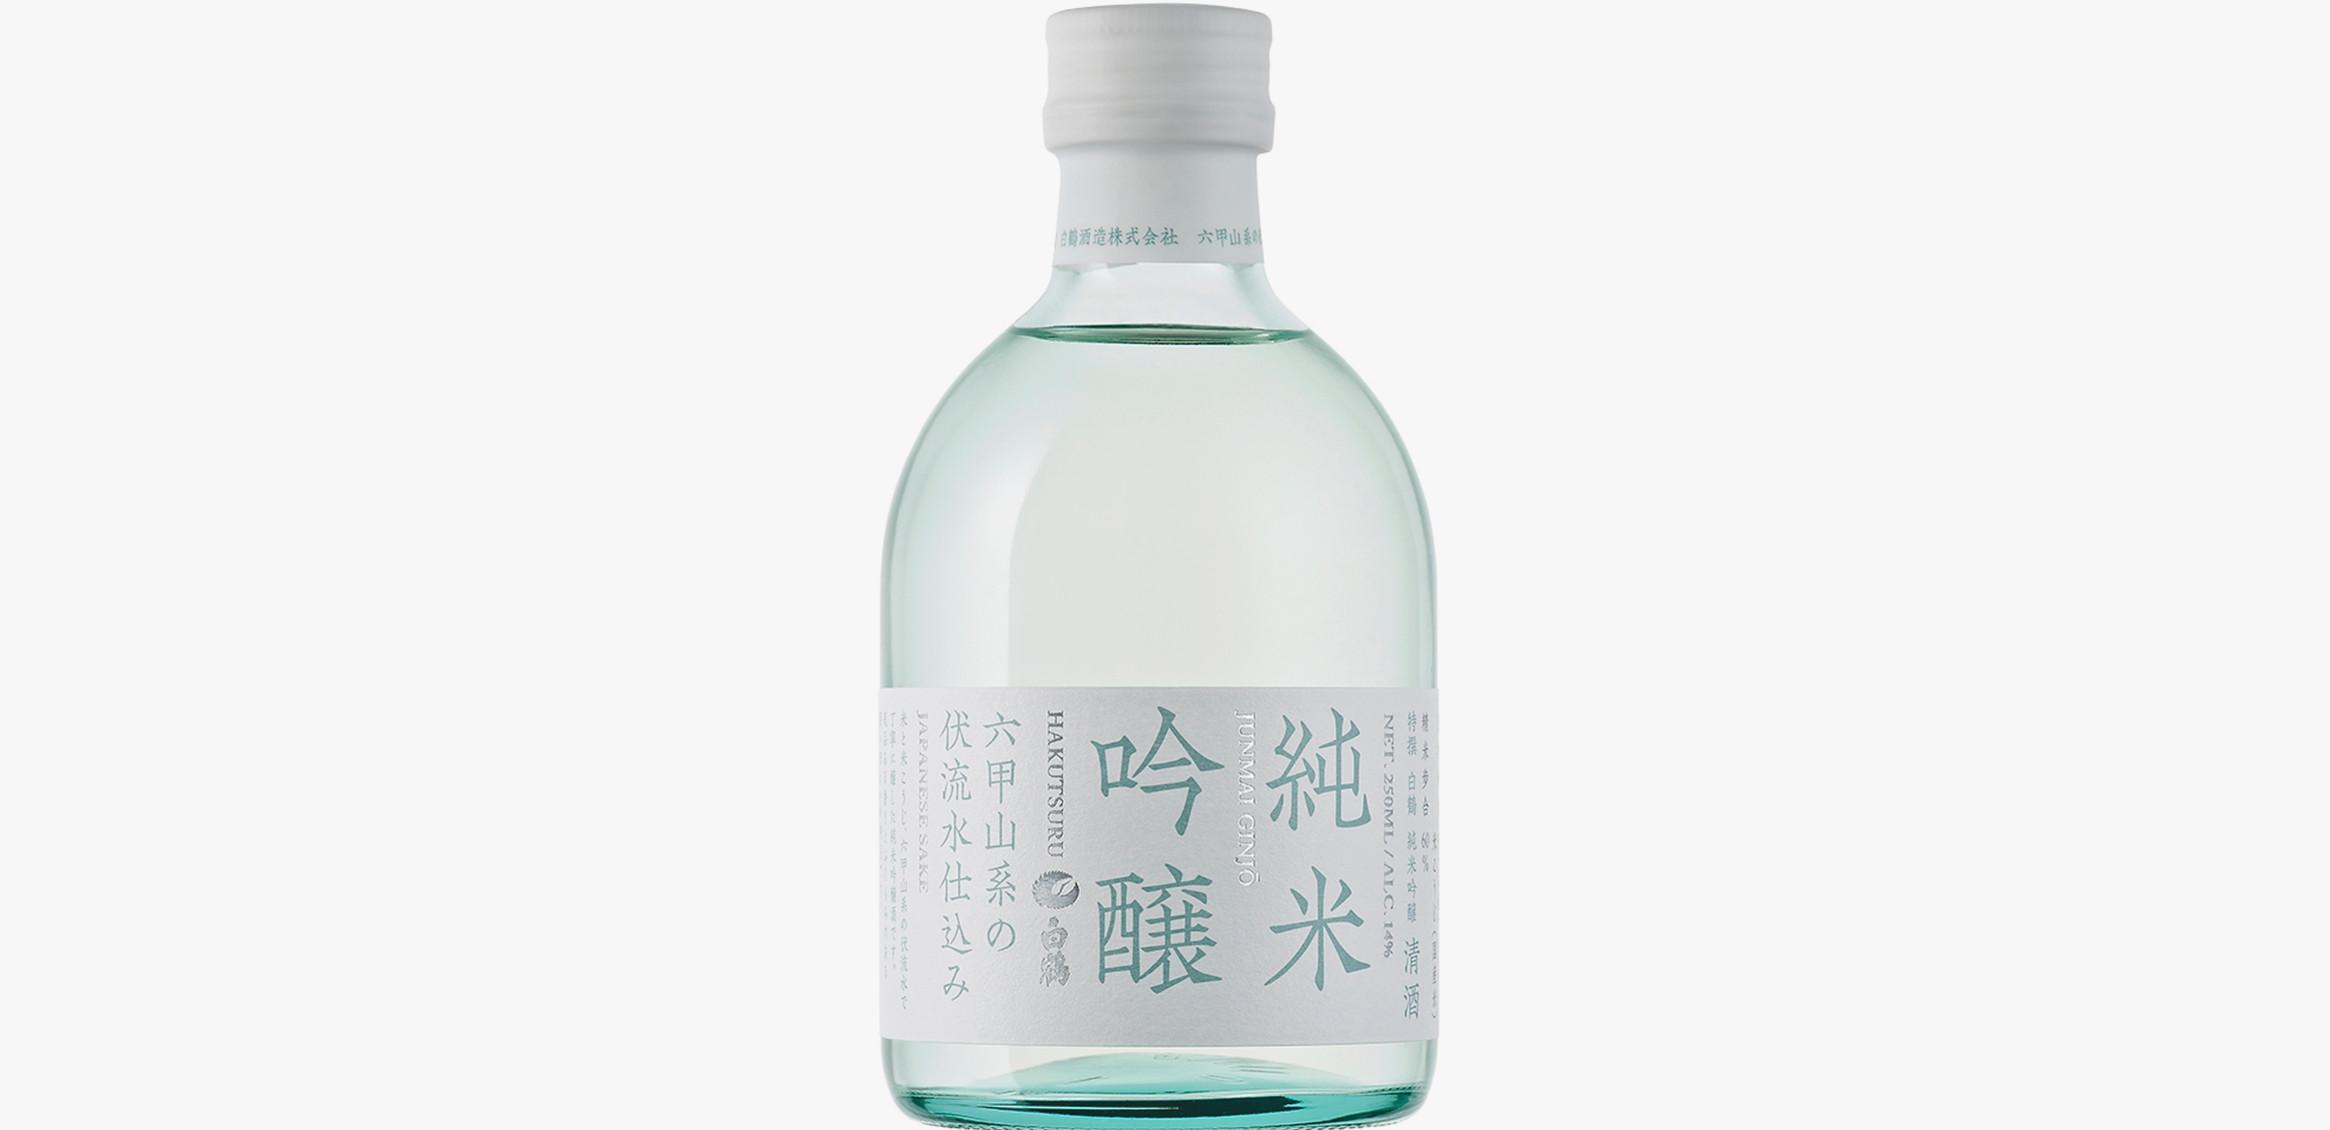 特撰 白鶴 純米吟醸 六甲山系の伏流水特选白鹤纯米吟酿 加入六甲山潜流水0枚目